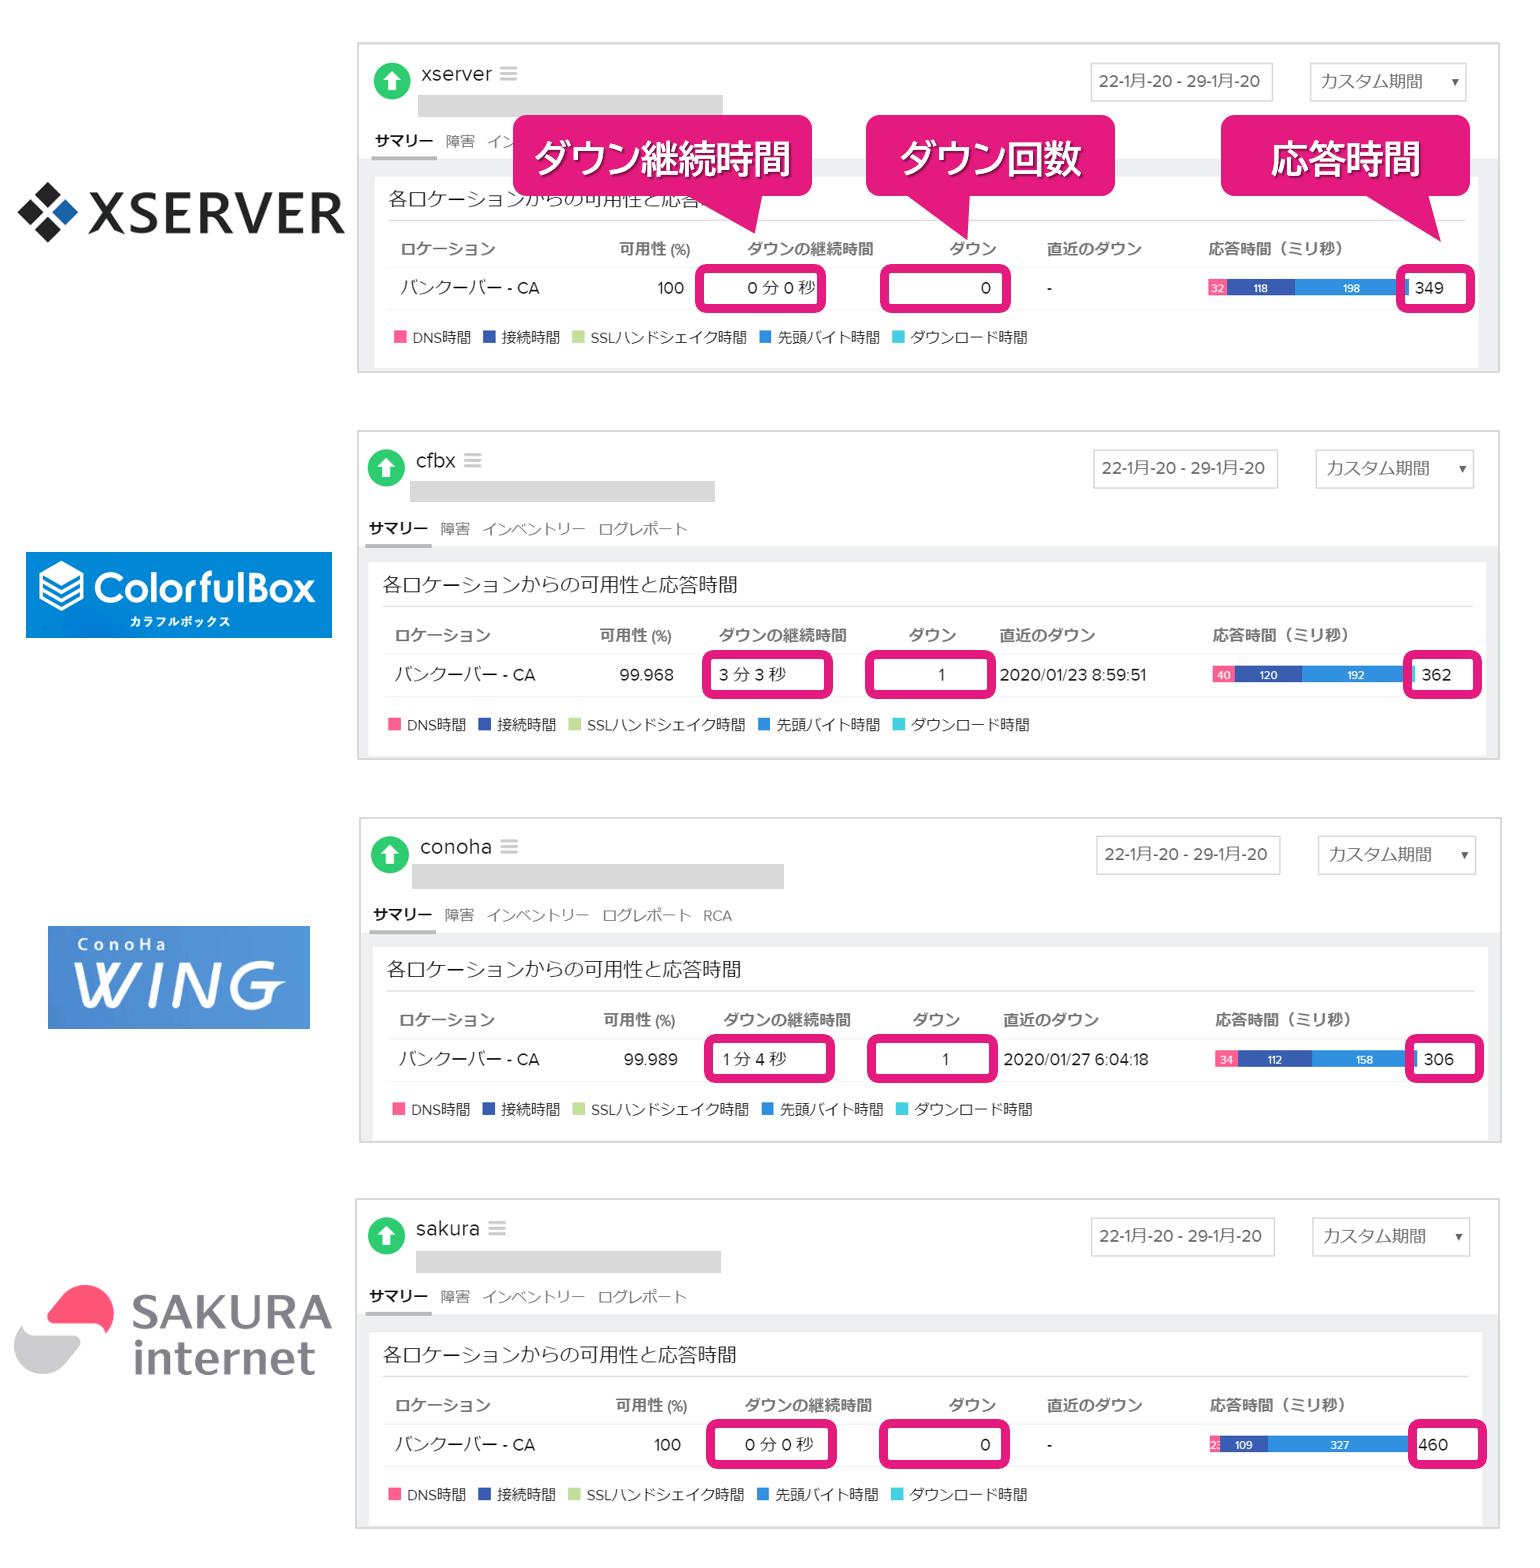 サーバー安定性に関するレンタルサーバー各社の測定結果画面(前半)